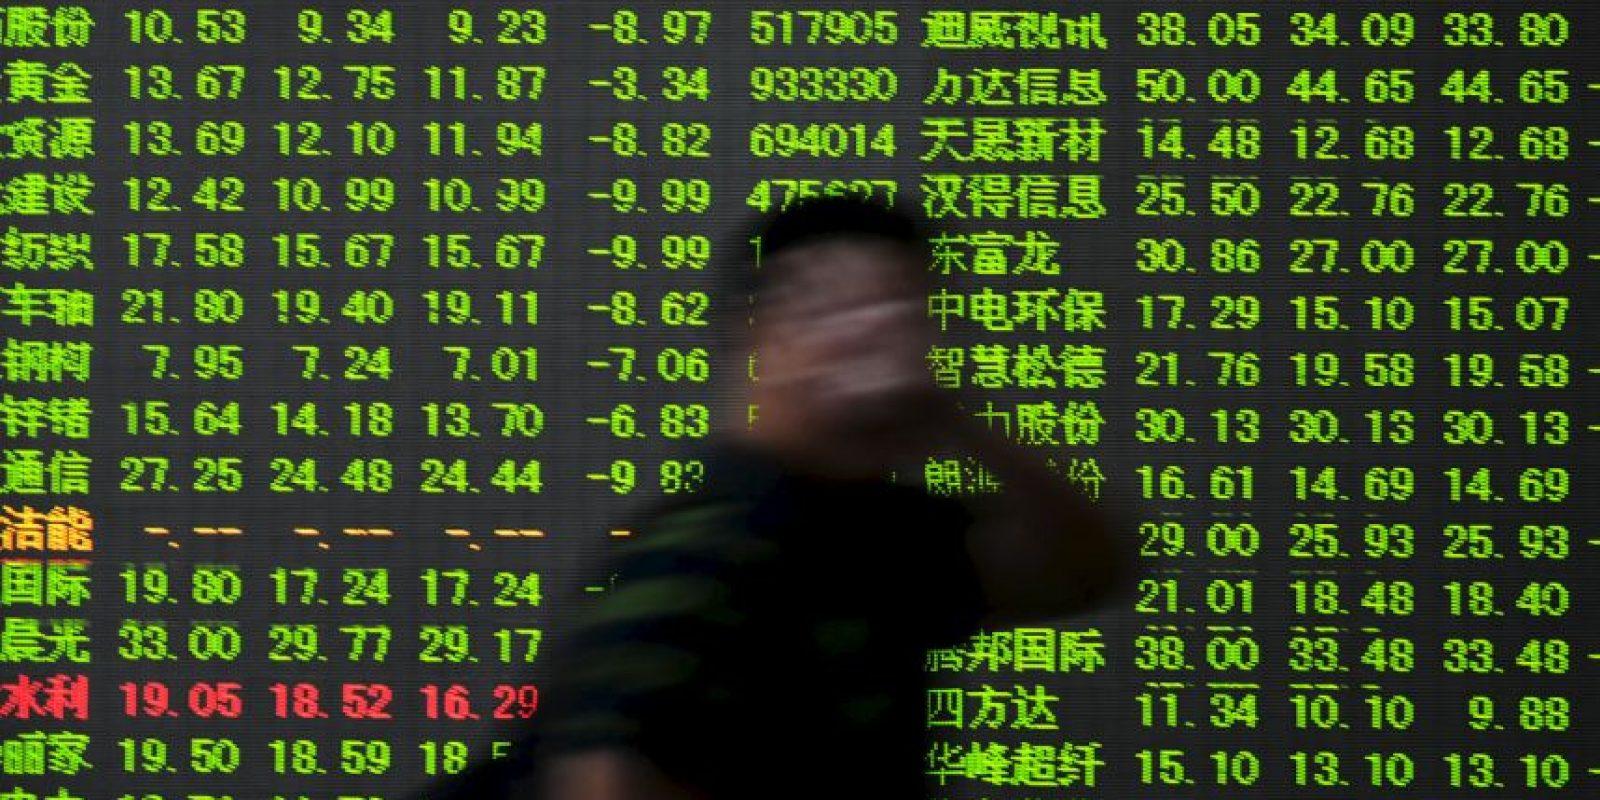 """Los analistas estiman que con el yuan en estos niveles (cerca de 3.5% en menos de una semana) es posible que se desate una guerra de divisas si otros países buscan protegerse, informa el periódico """"El Financiero"""". Foto:AFP"""